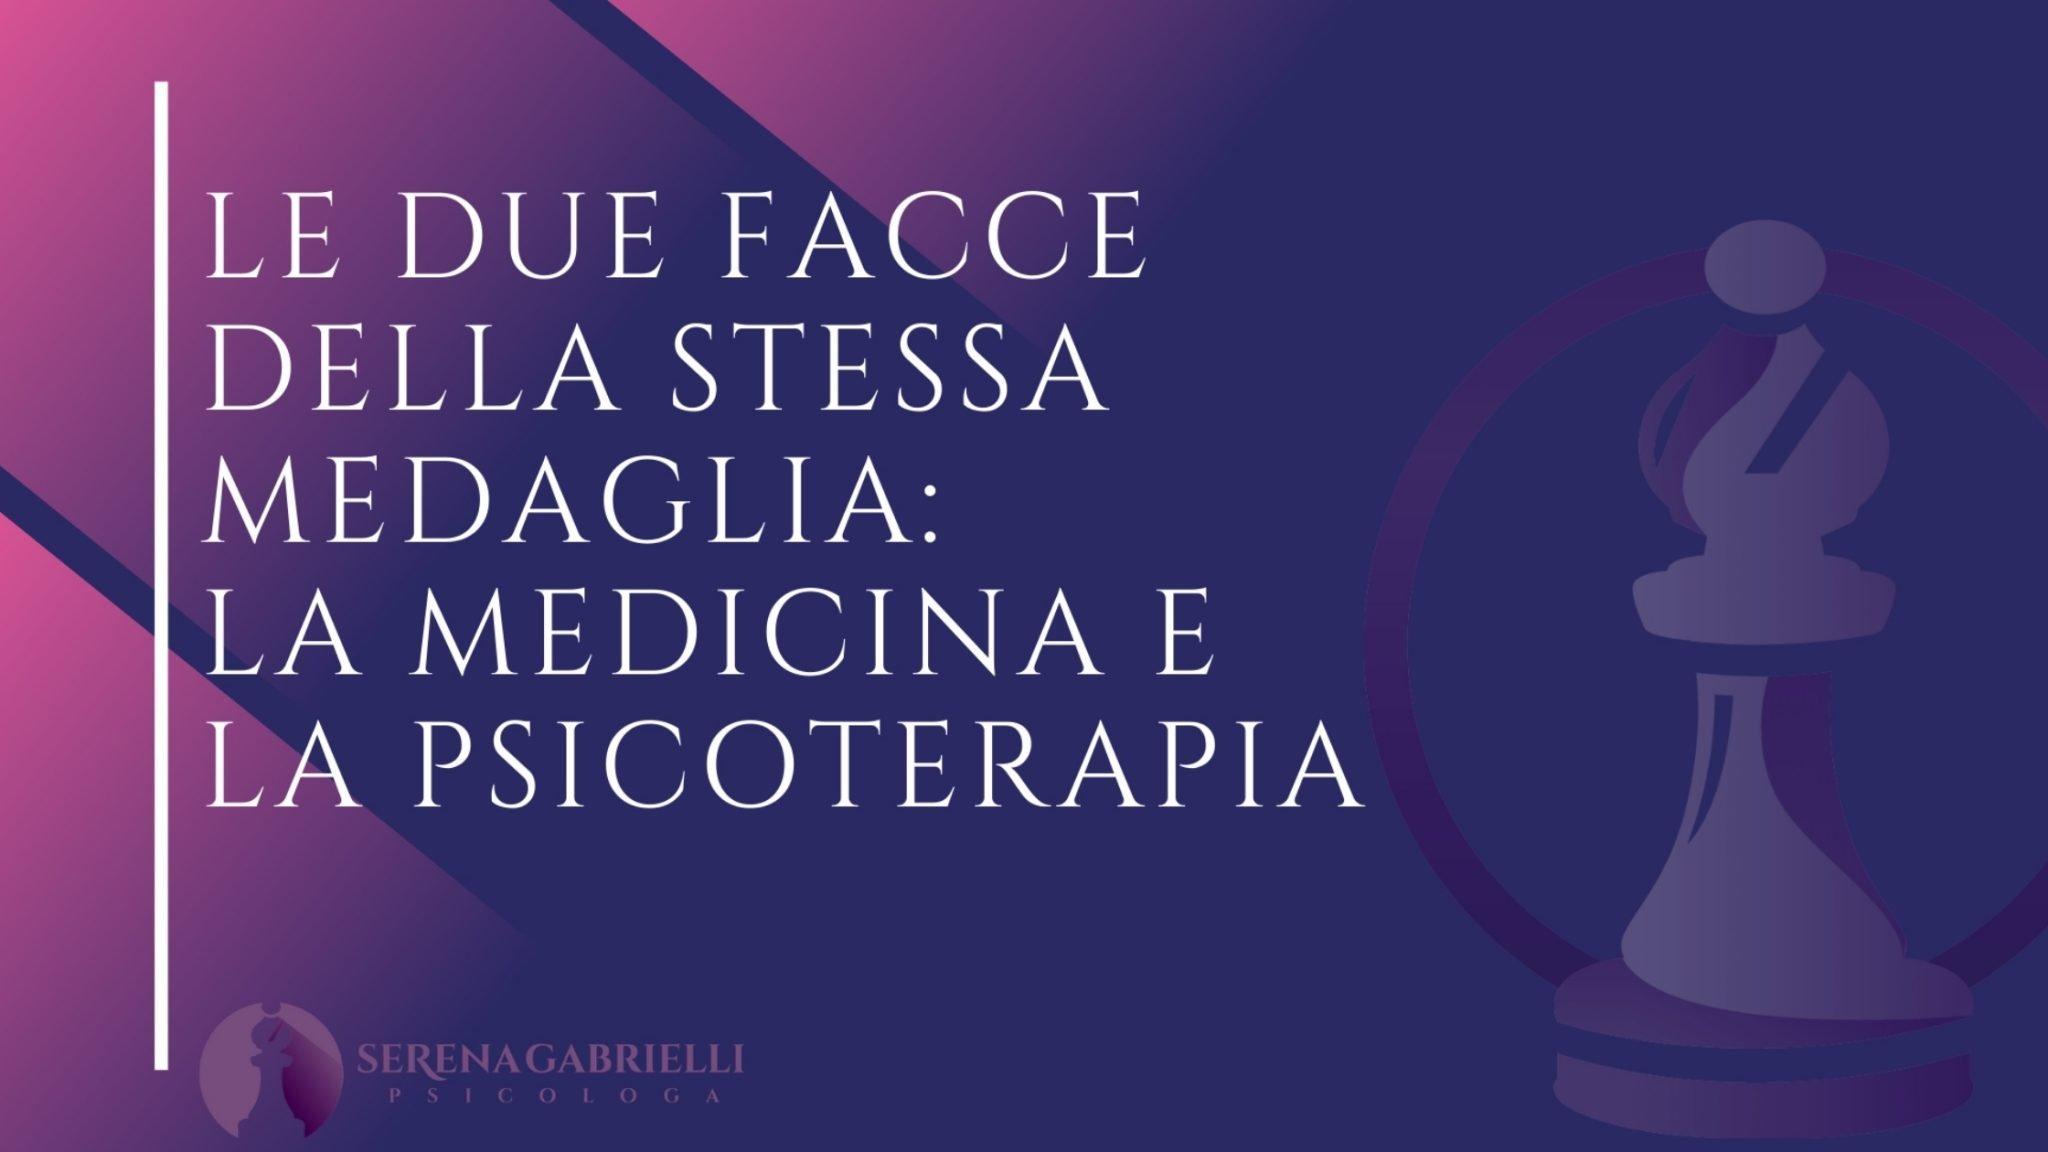 Le due facce della stessa medaglia: la Medicina e la Psicoterapia